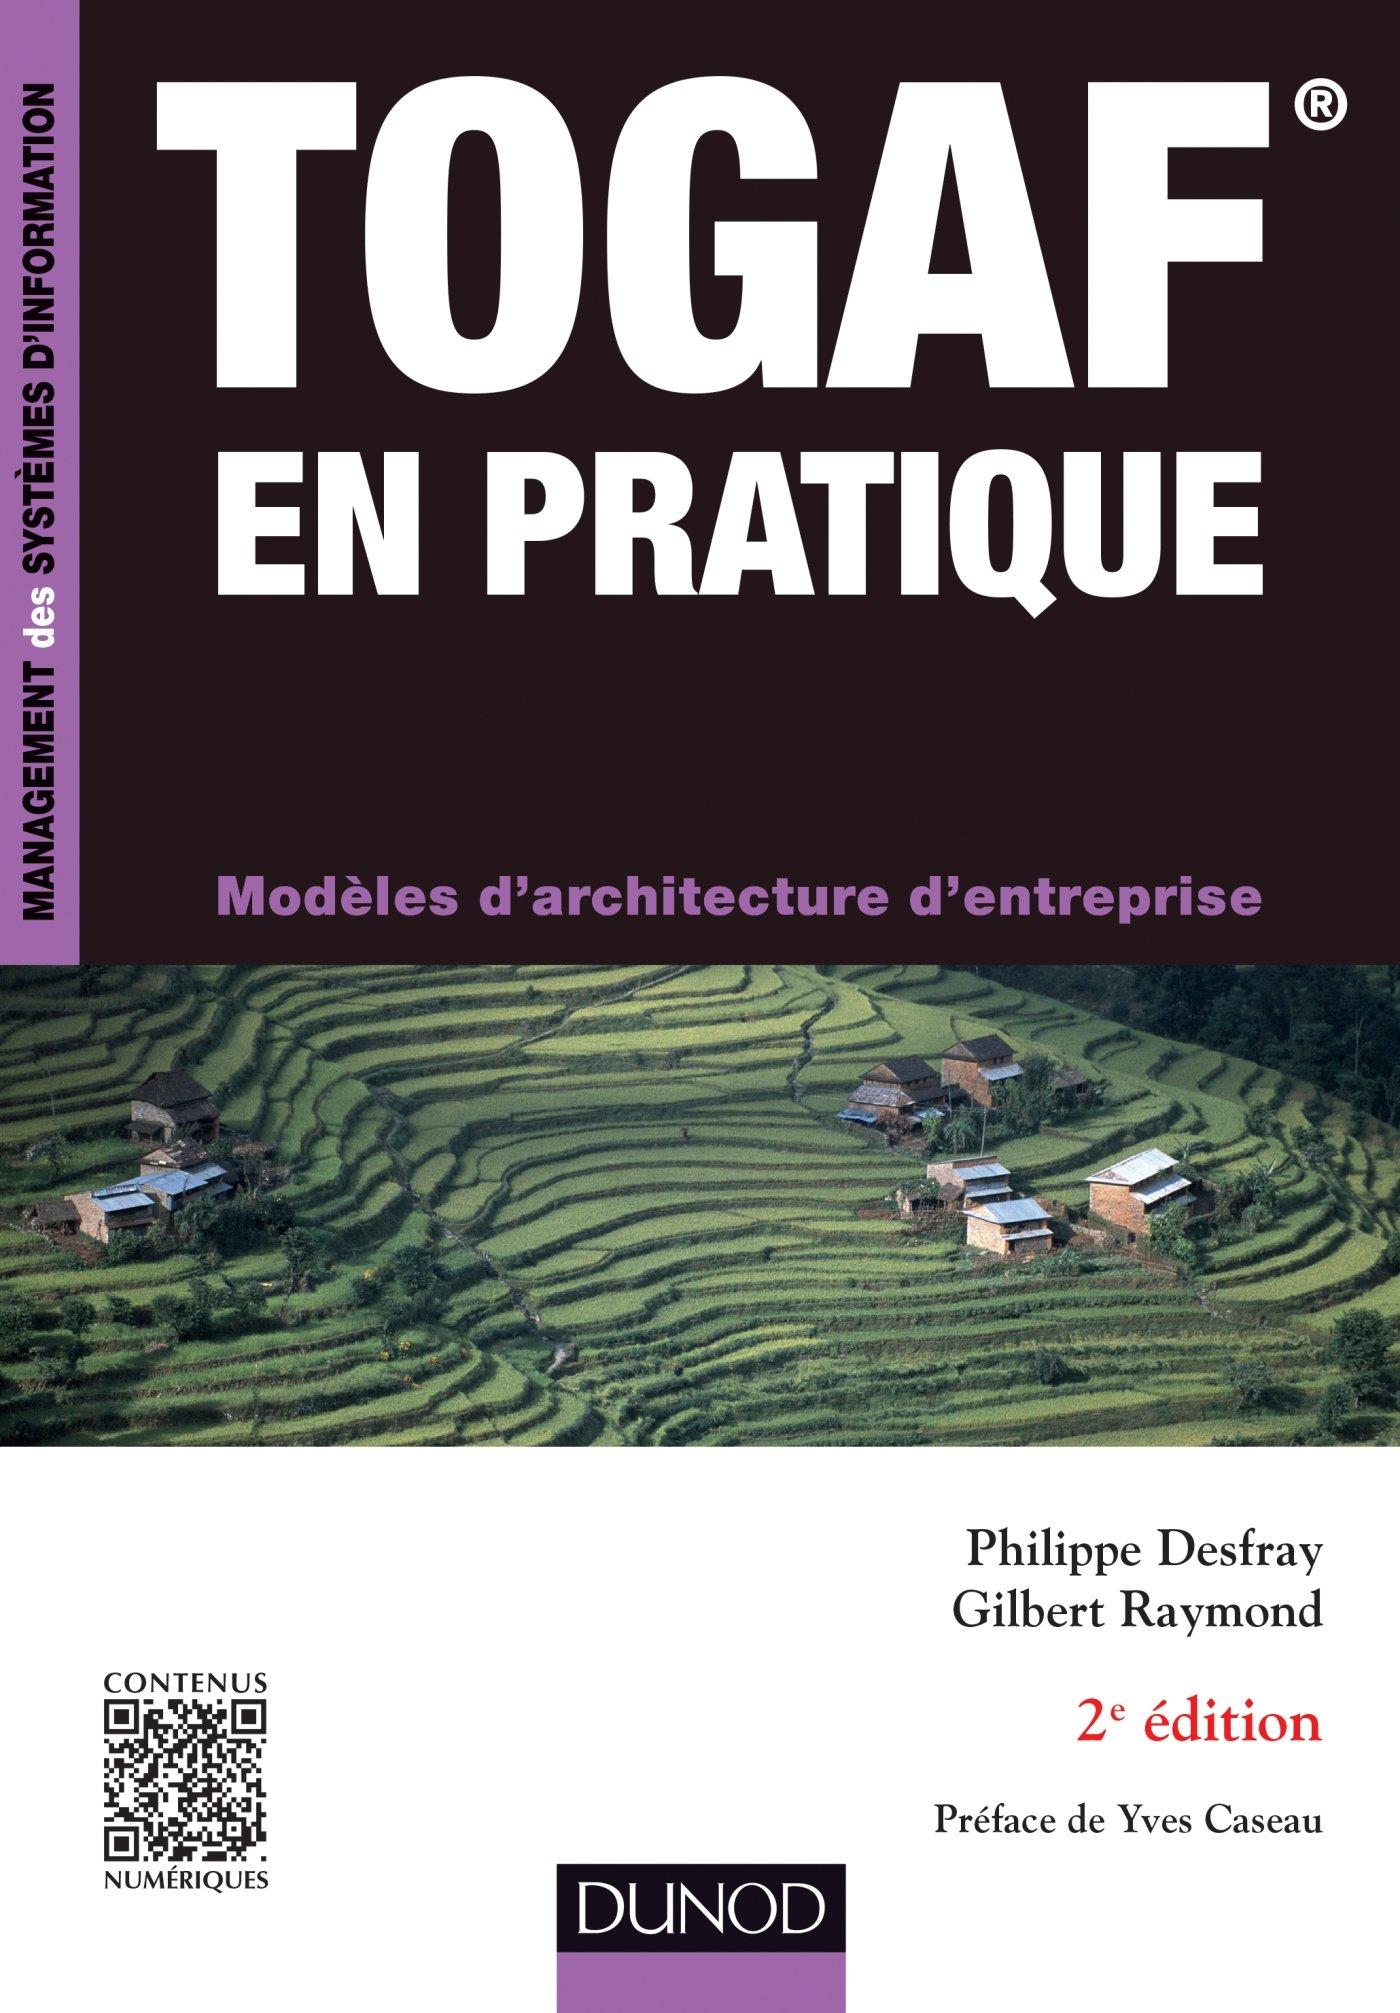 TOGAF en pratique : Modèles d'architecture d'entreprise